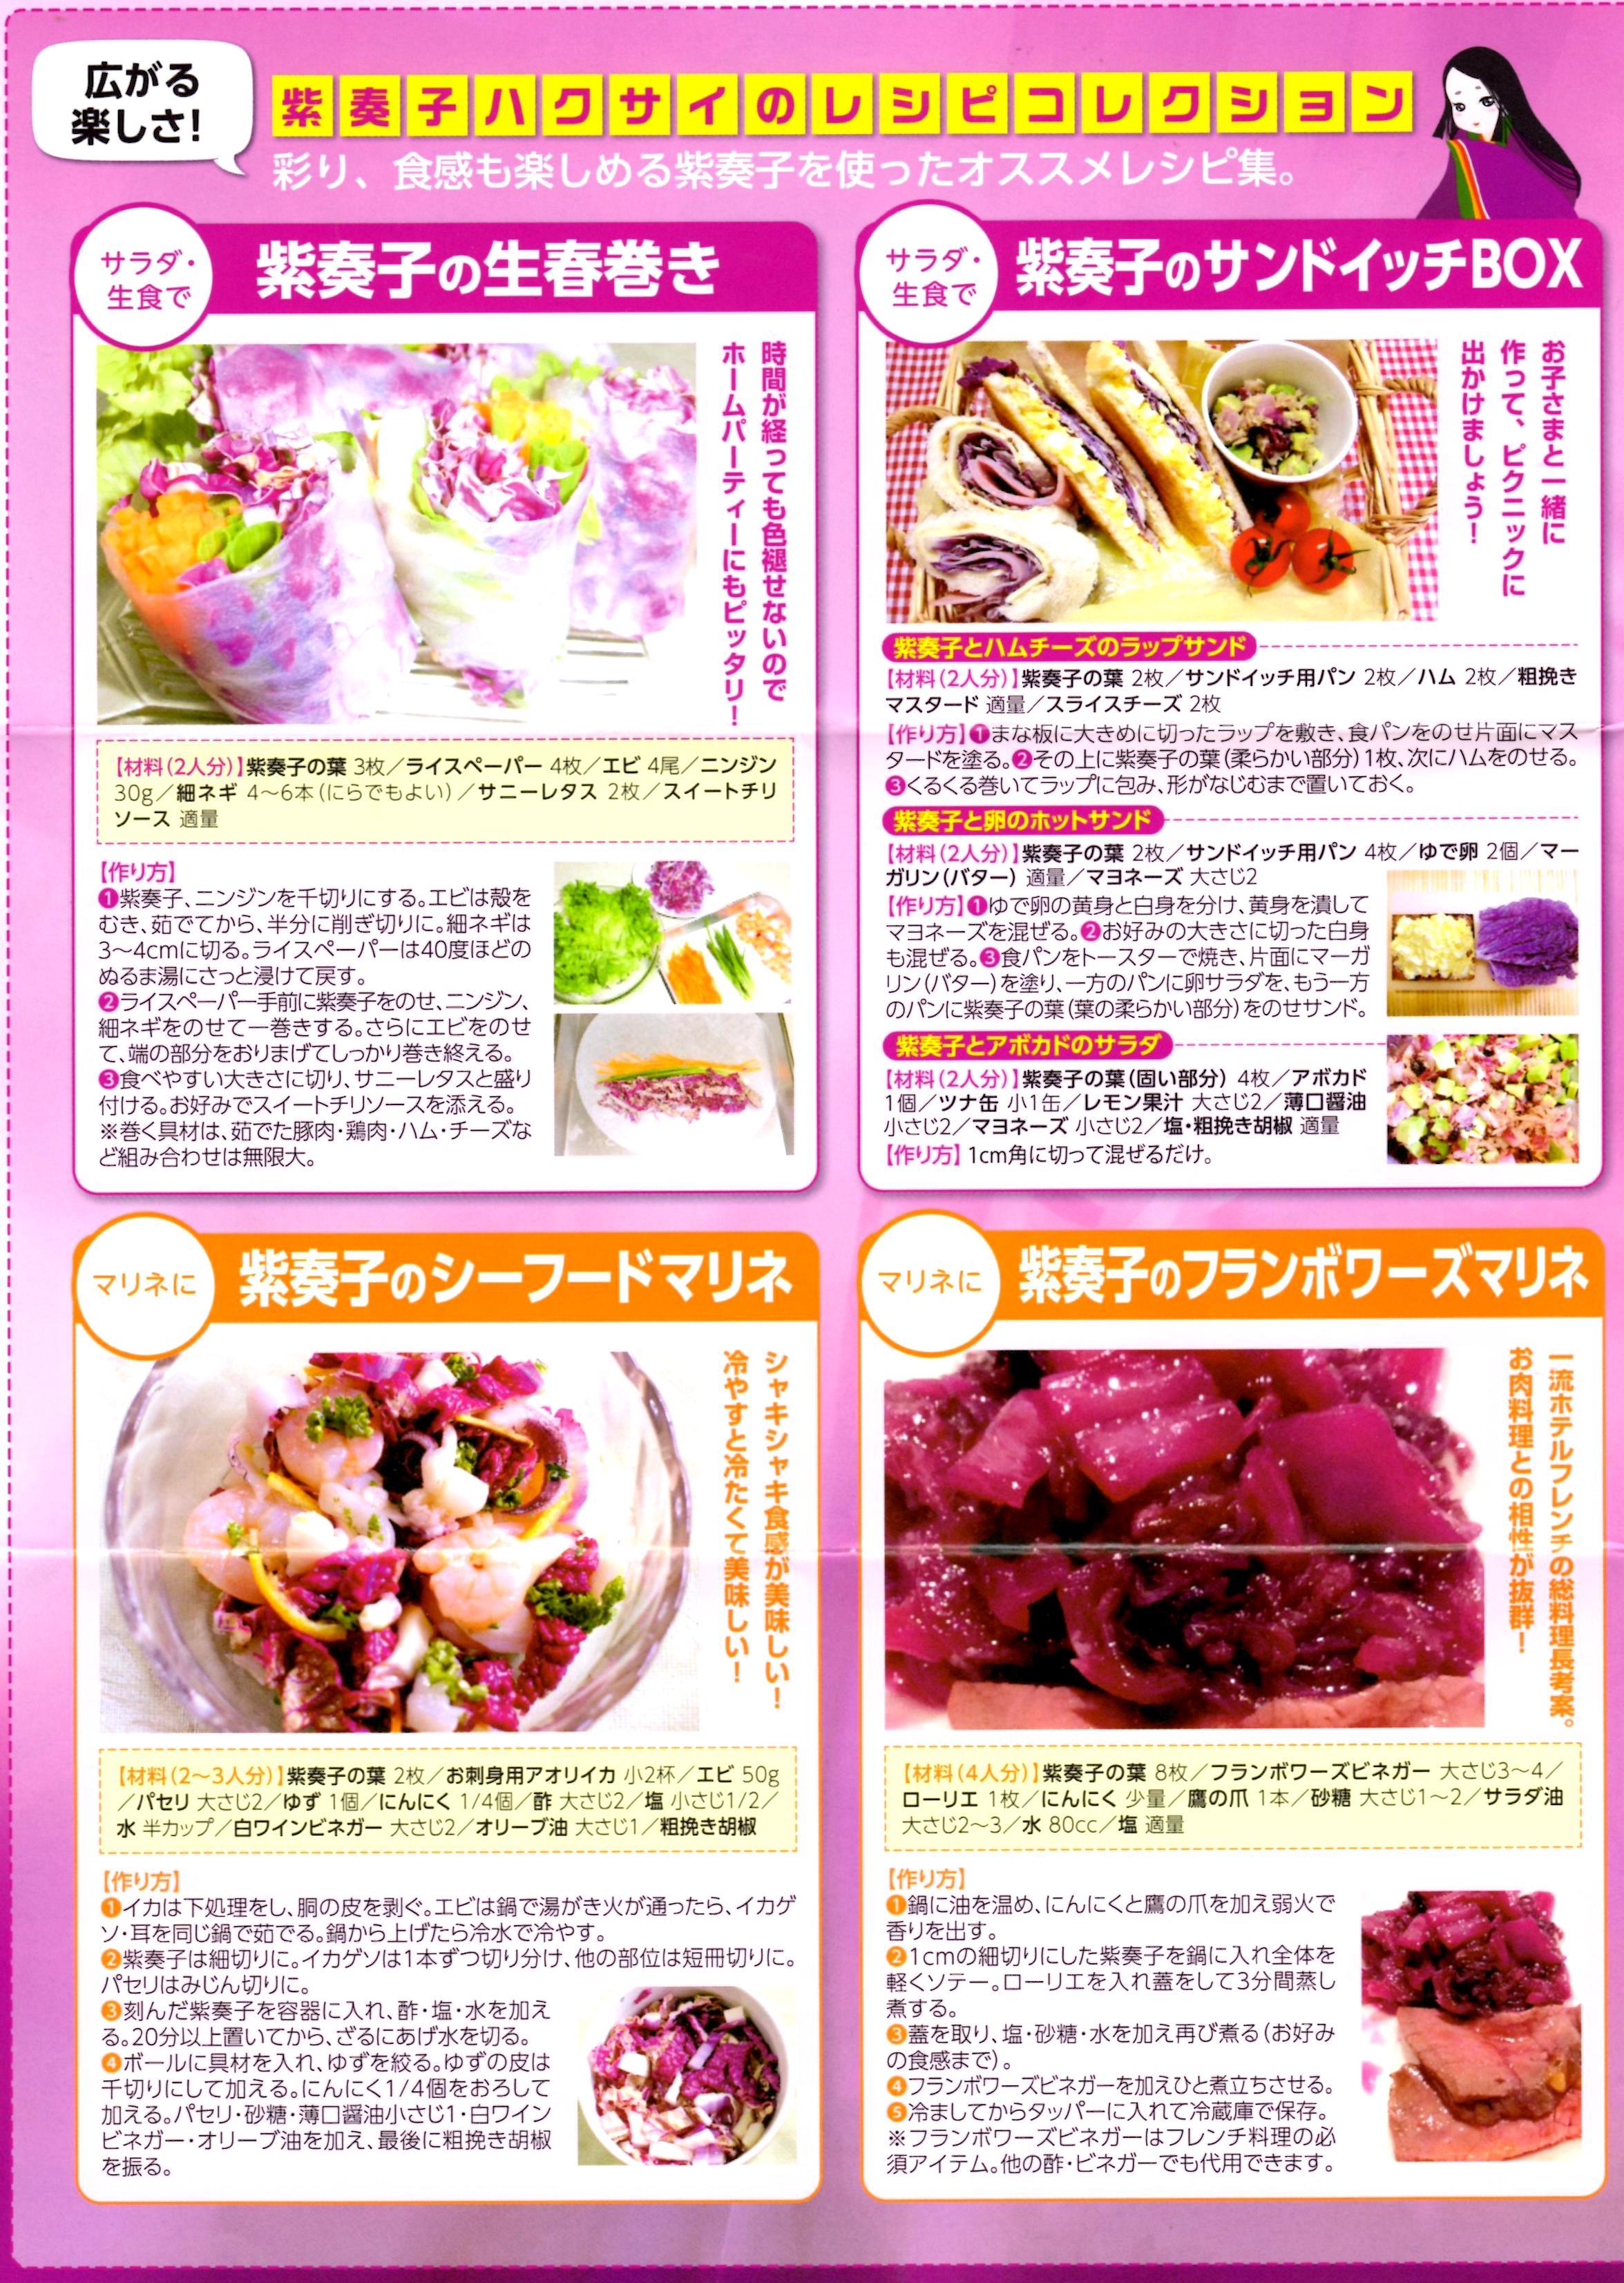 murasakisoushi-panf2.jpg